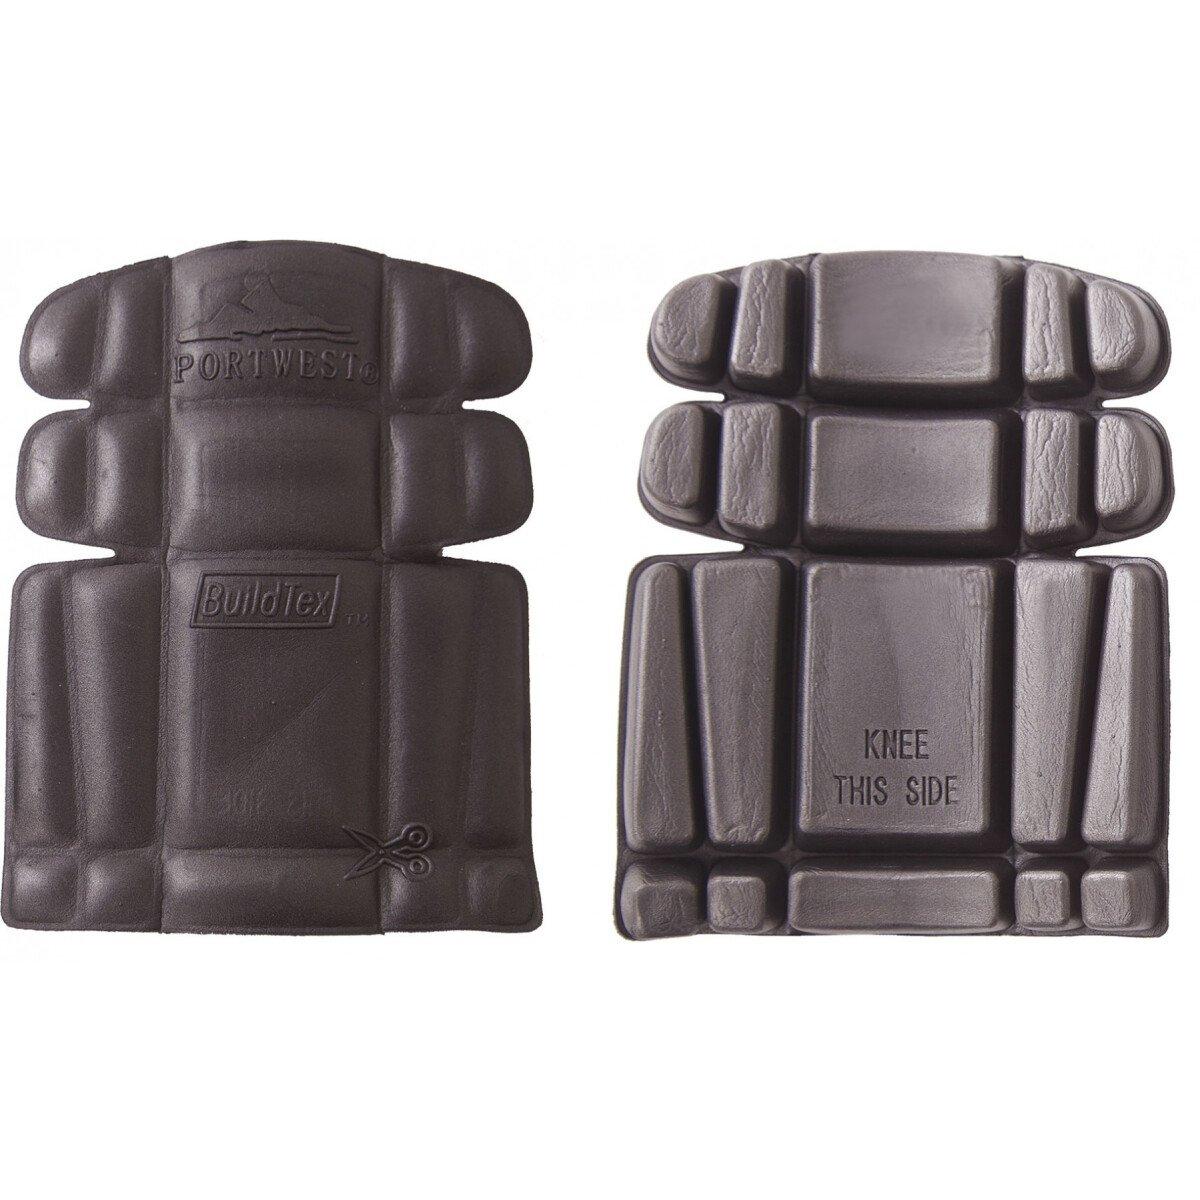 Portwest S156 Specially Ergonomically Designed Knee Pads (Pair)